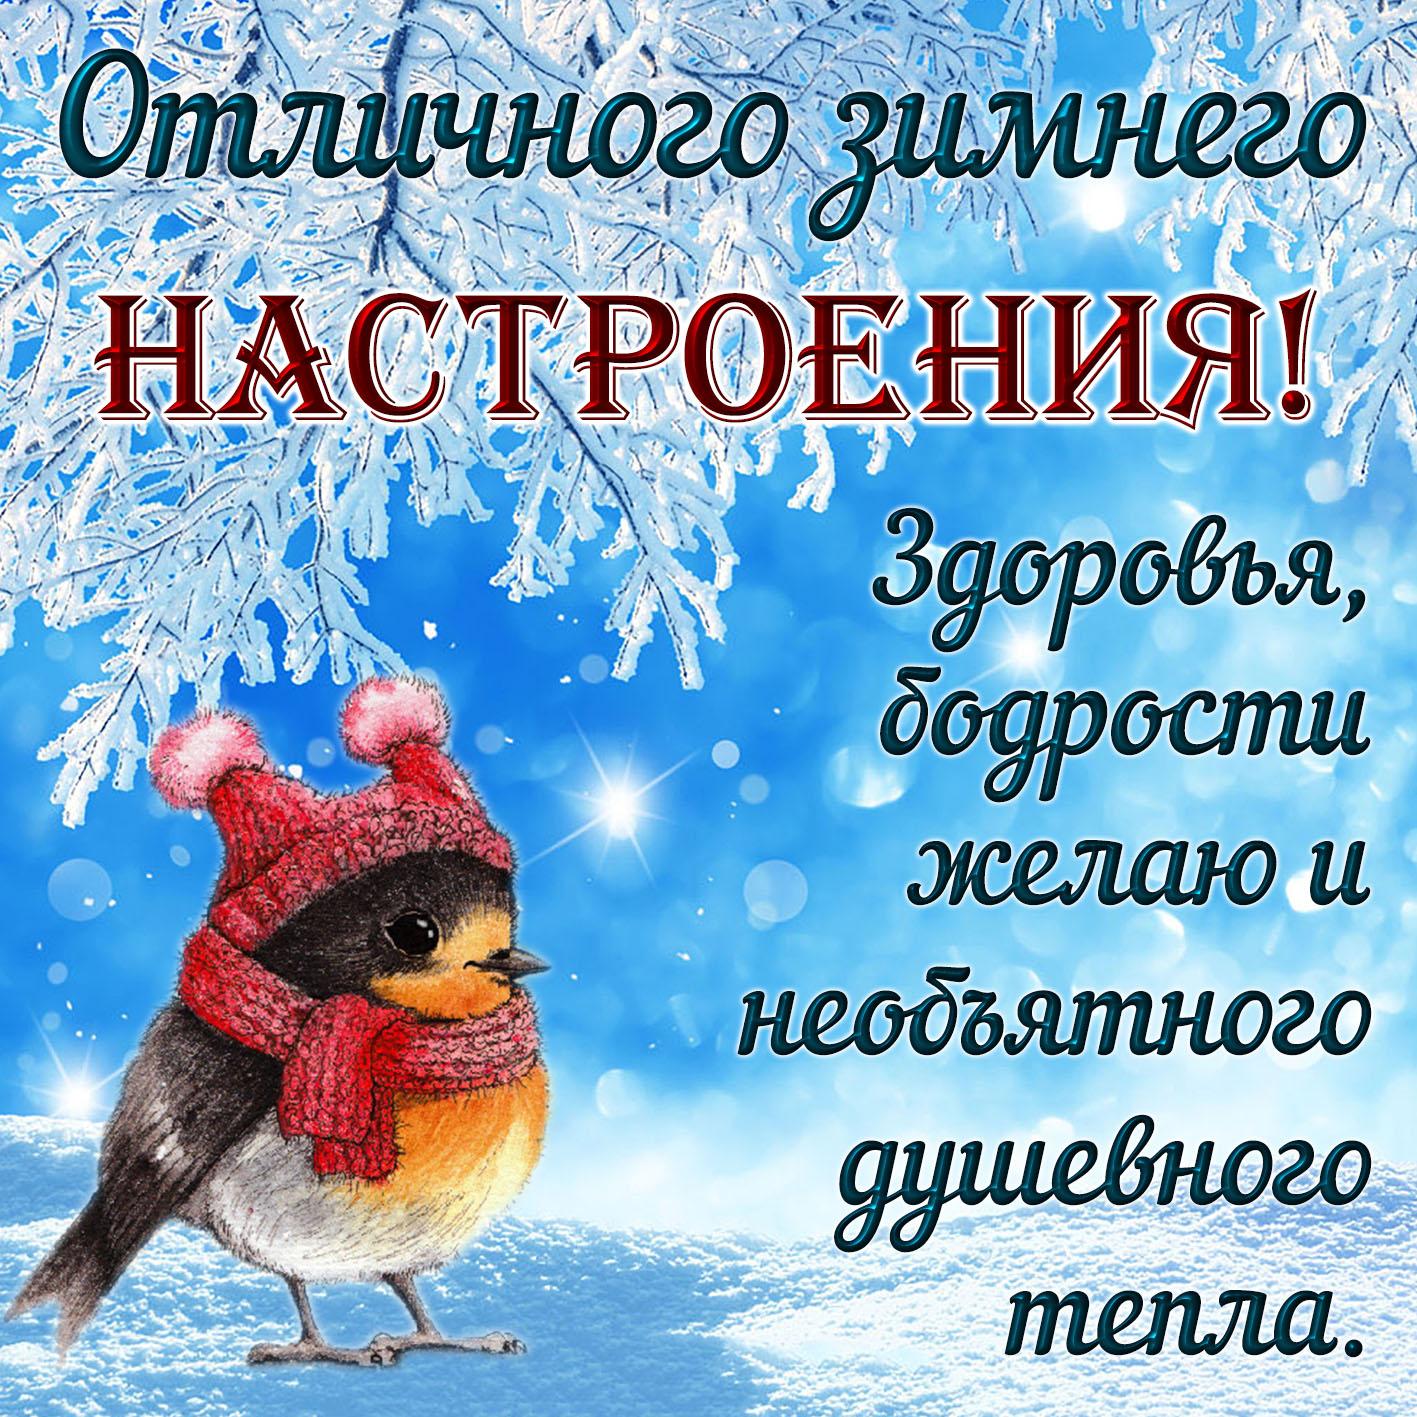 Отличного дня и хорошего настроения картинки зимние